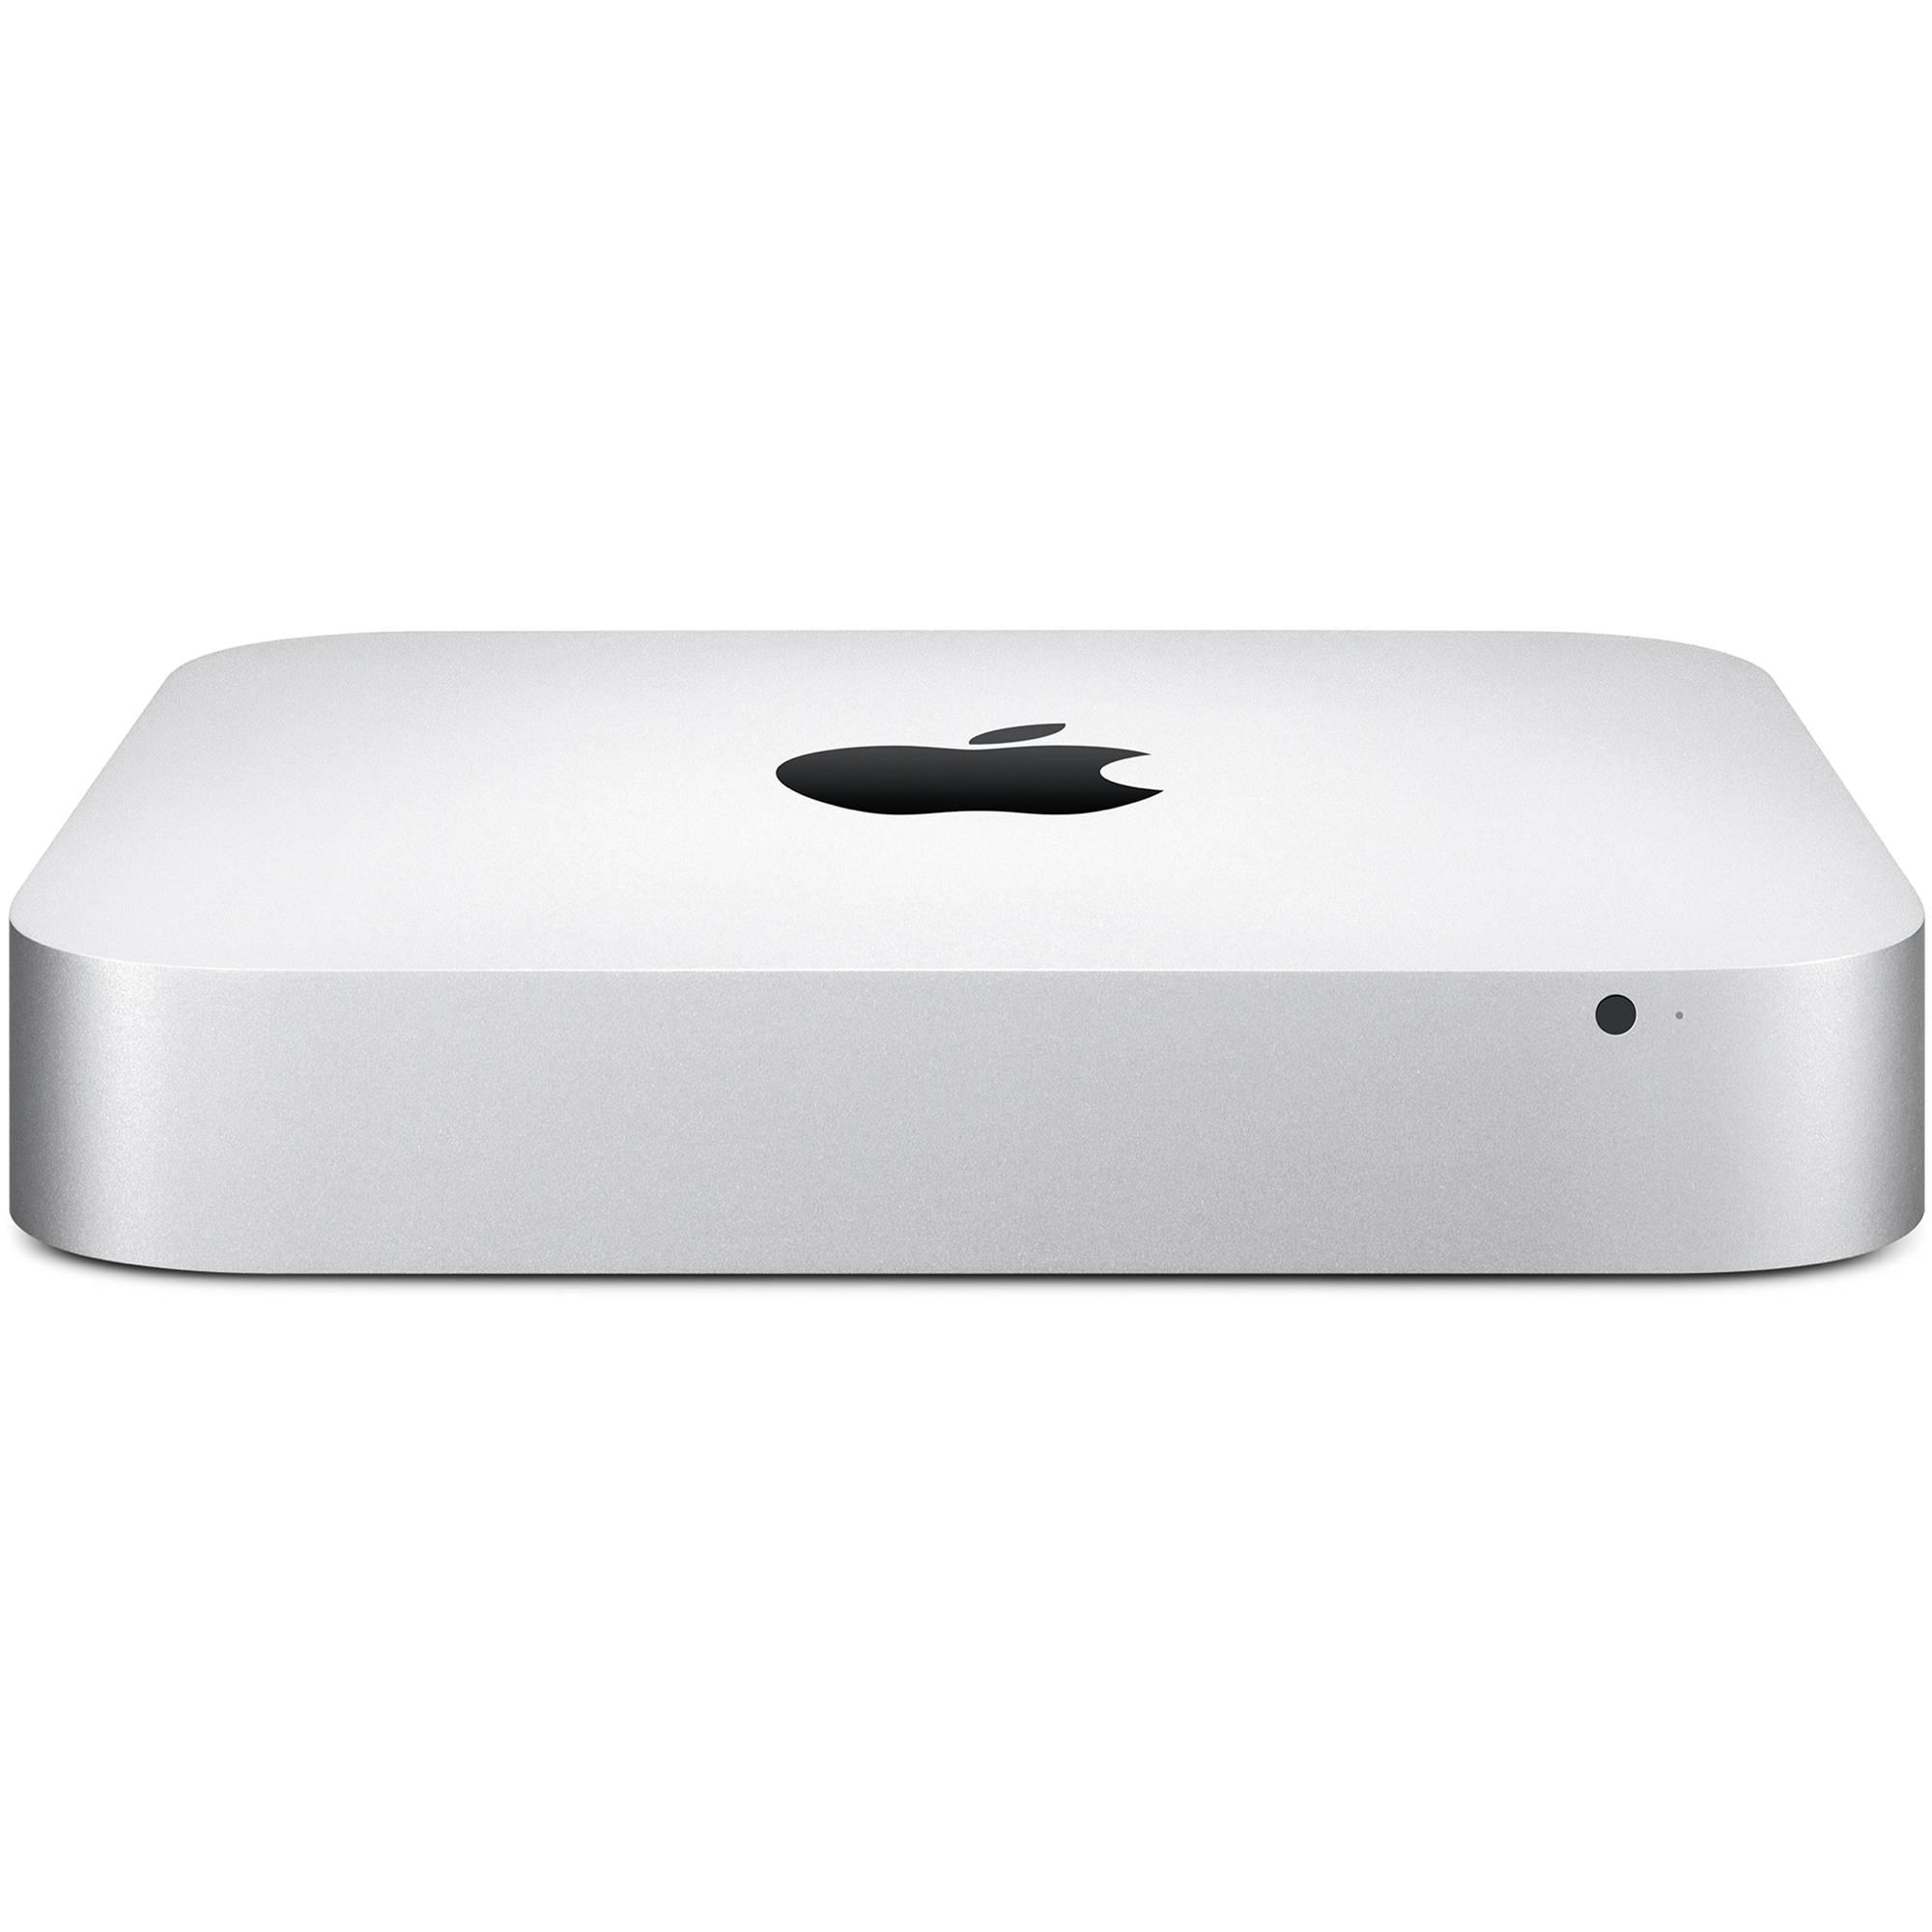 apple mac mini desktop computer late 2012 z0nn md3871 b h rh bhphotovideo com mac mini manual 2012 2013 Mac Mini Manual